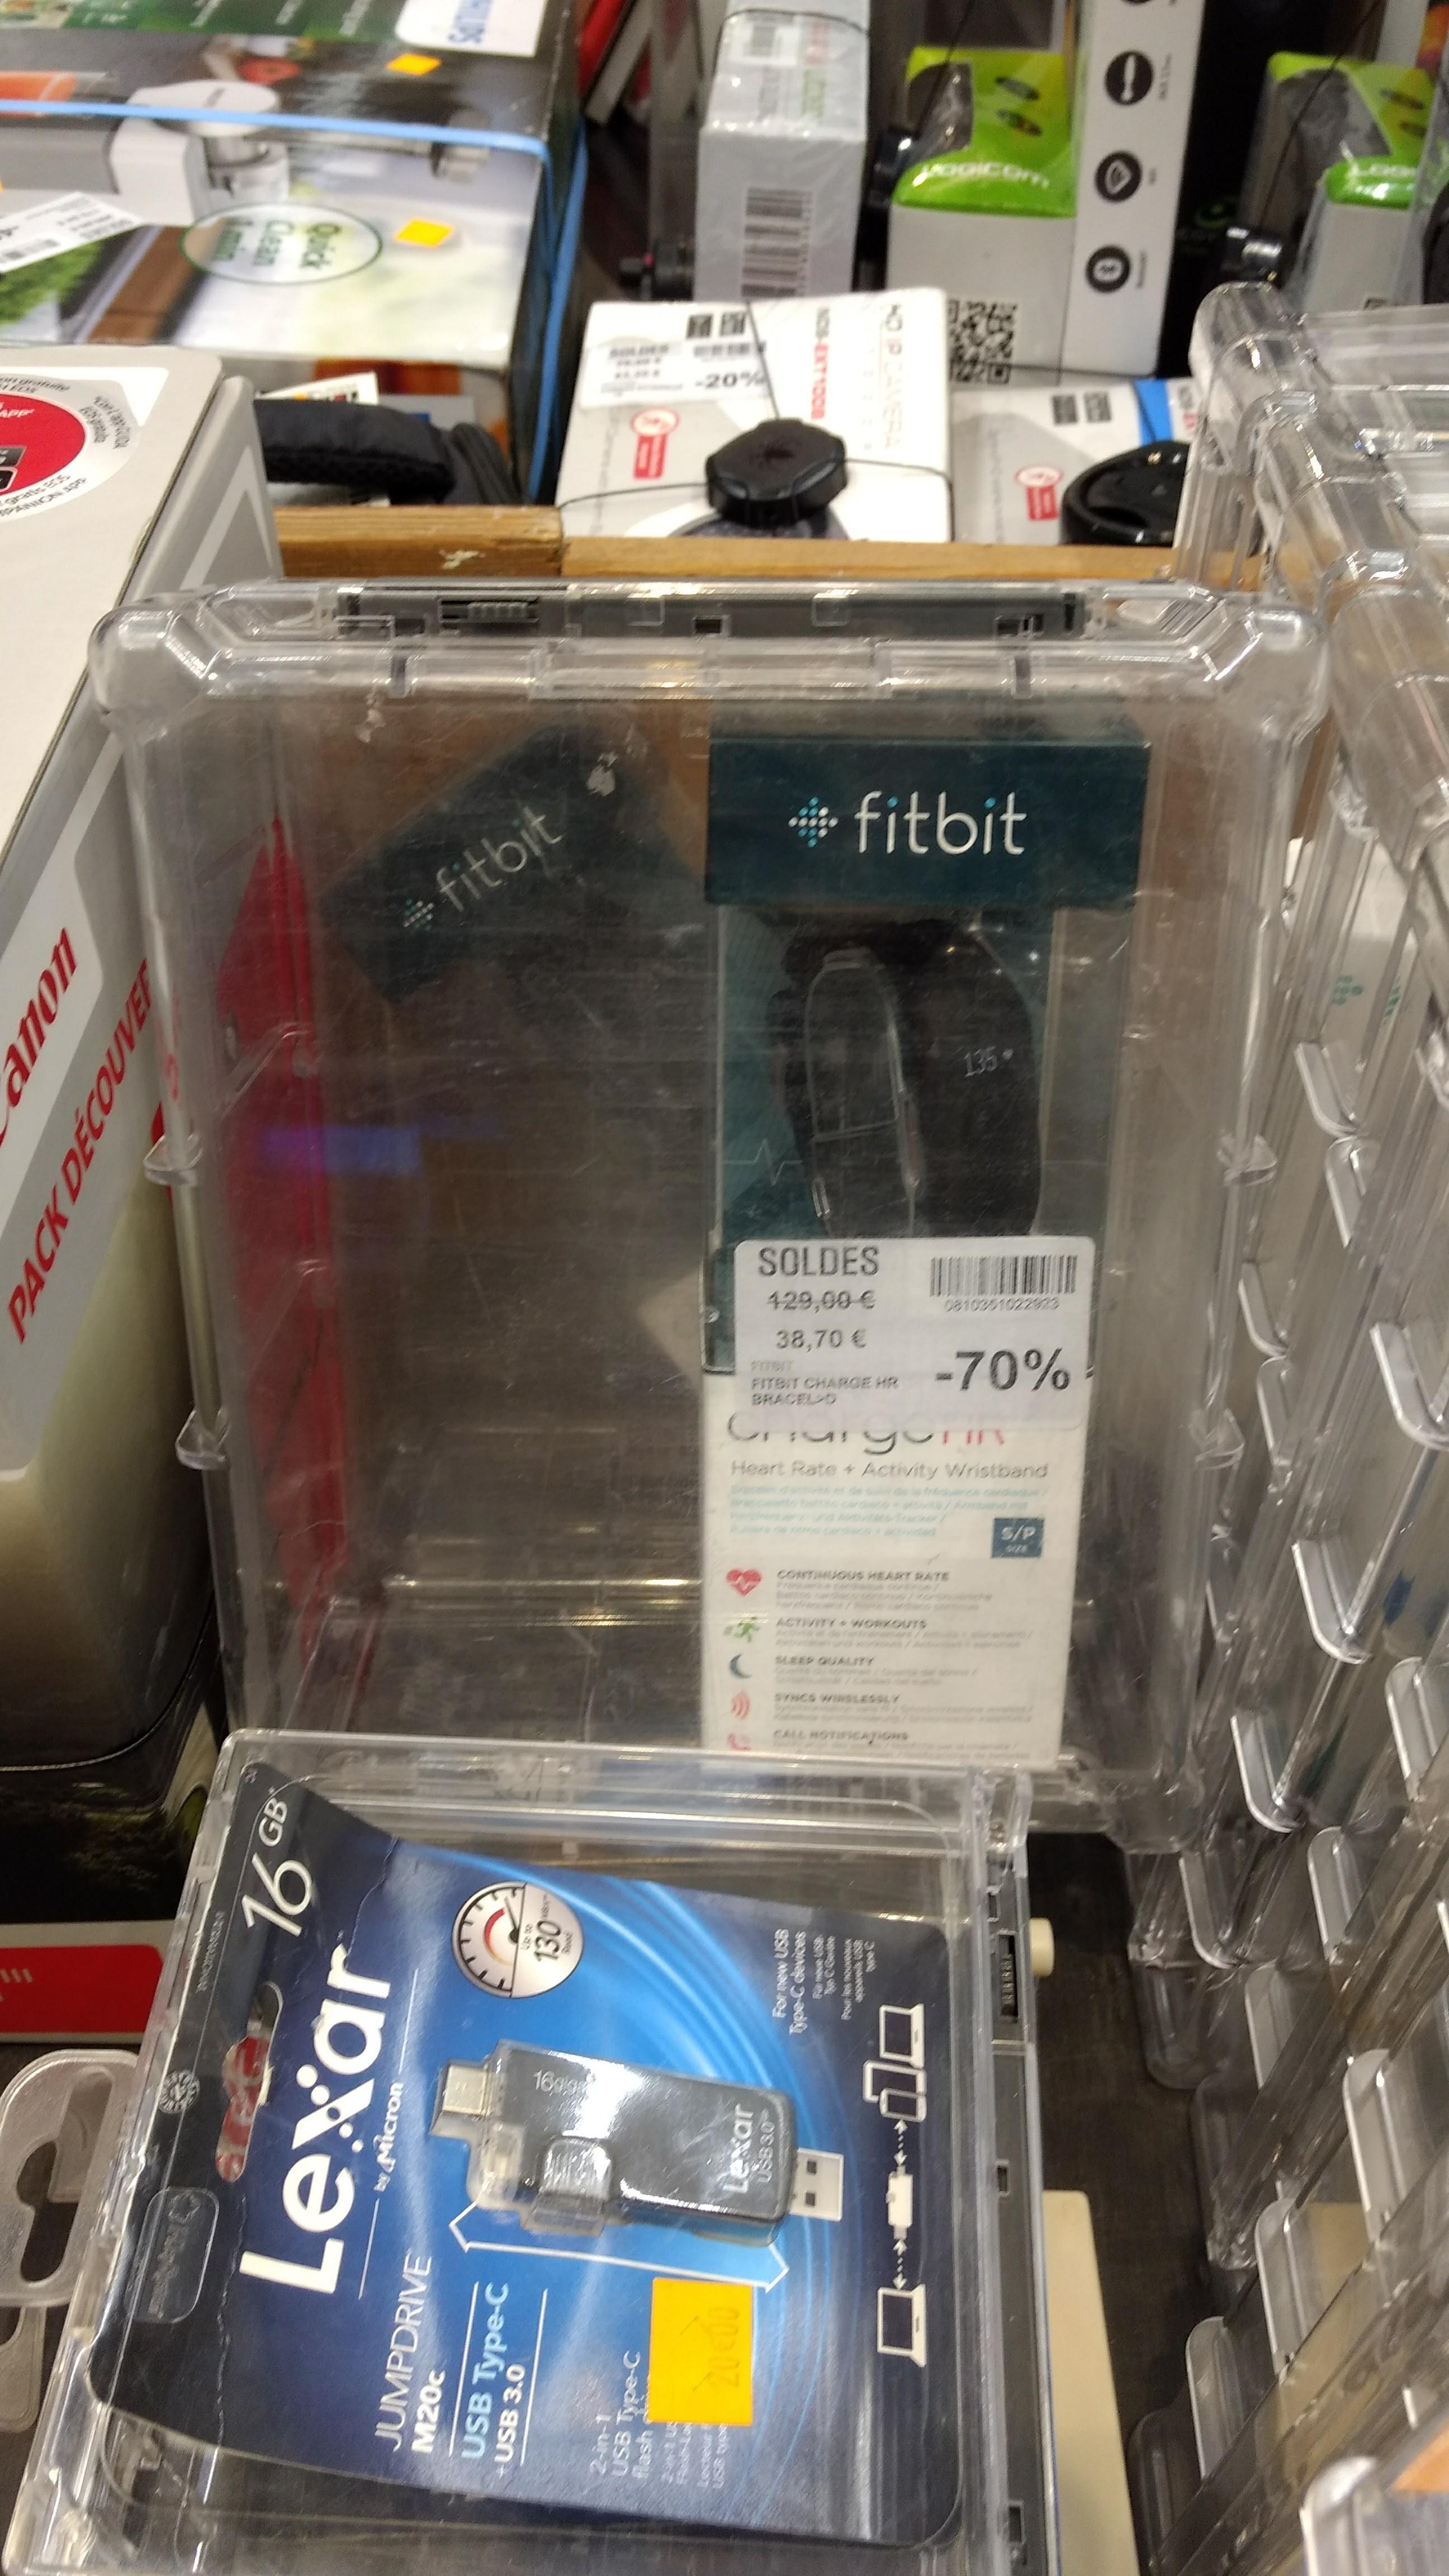 Sélection de Fitbit en promo - Exemple : Fitbit Flex 2 Carrefour Athis mons (91)